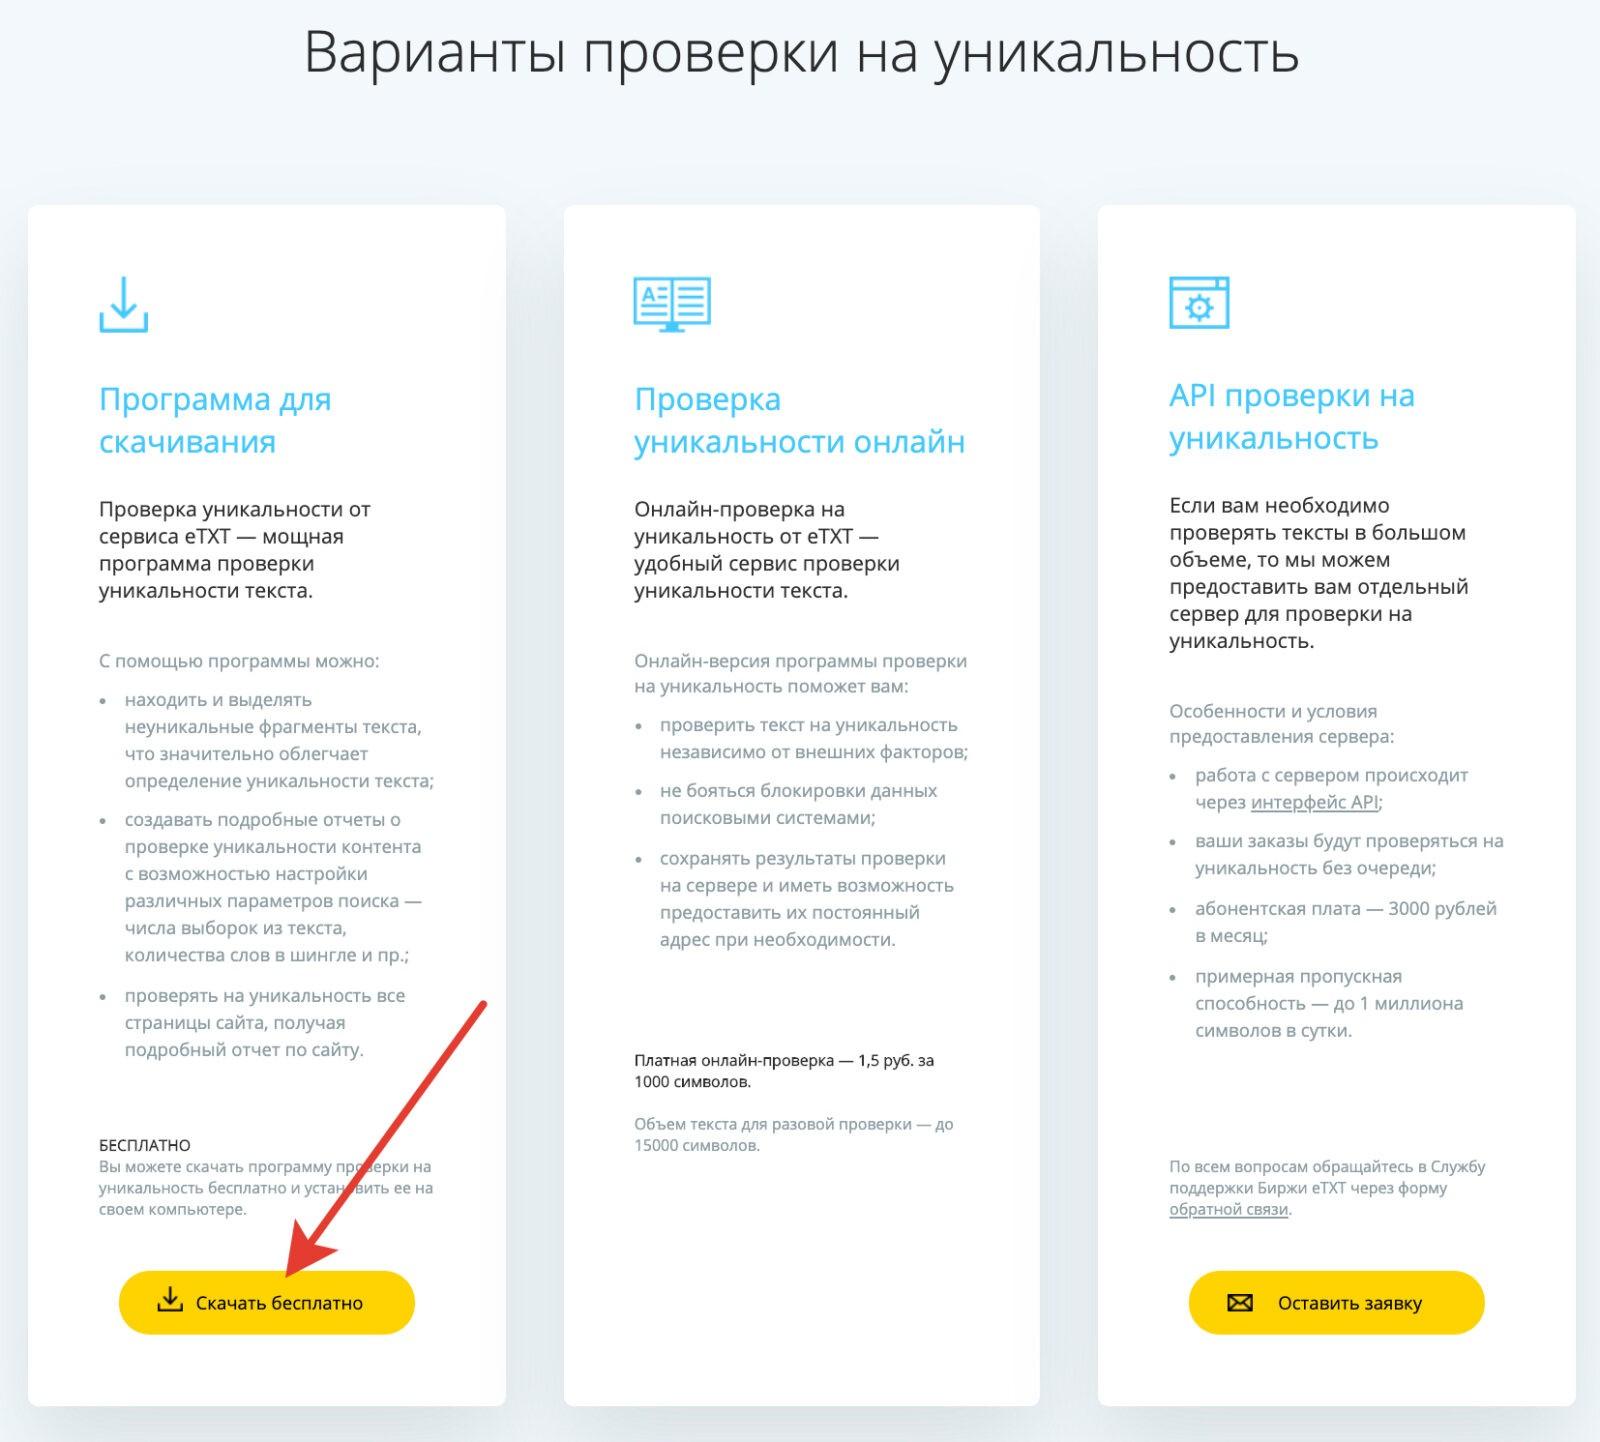 2019 08 06 18 17 18 - Проверить текст на уникальность - инструкция